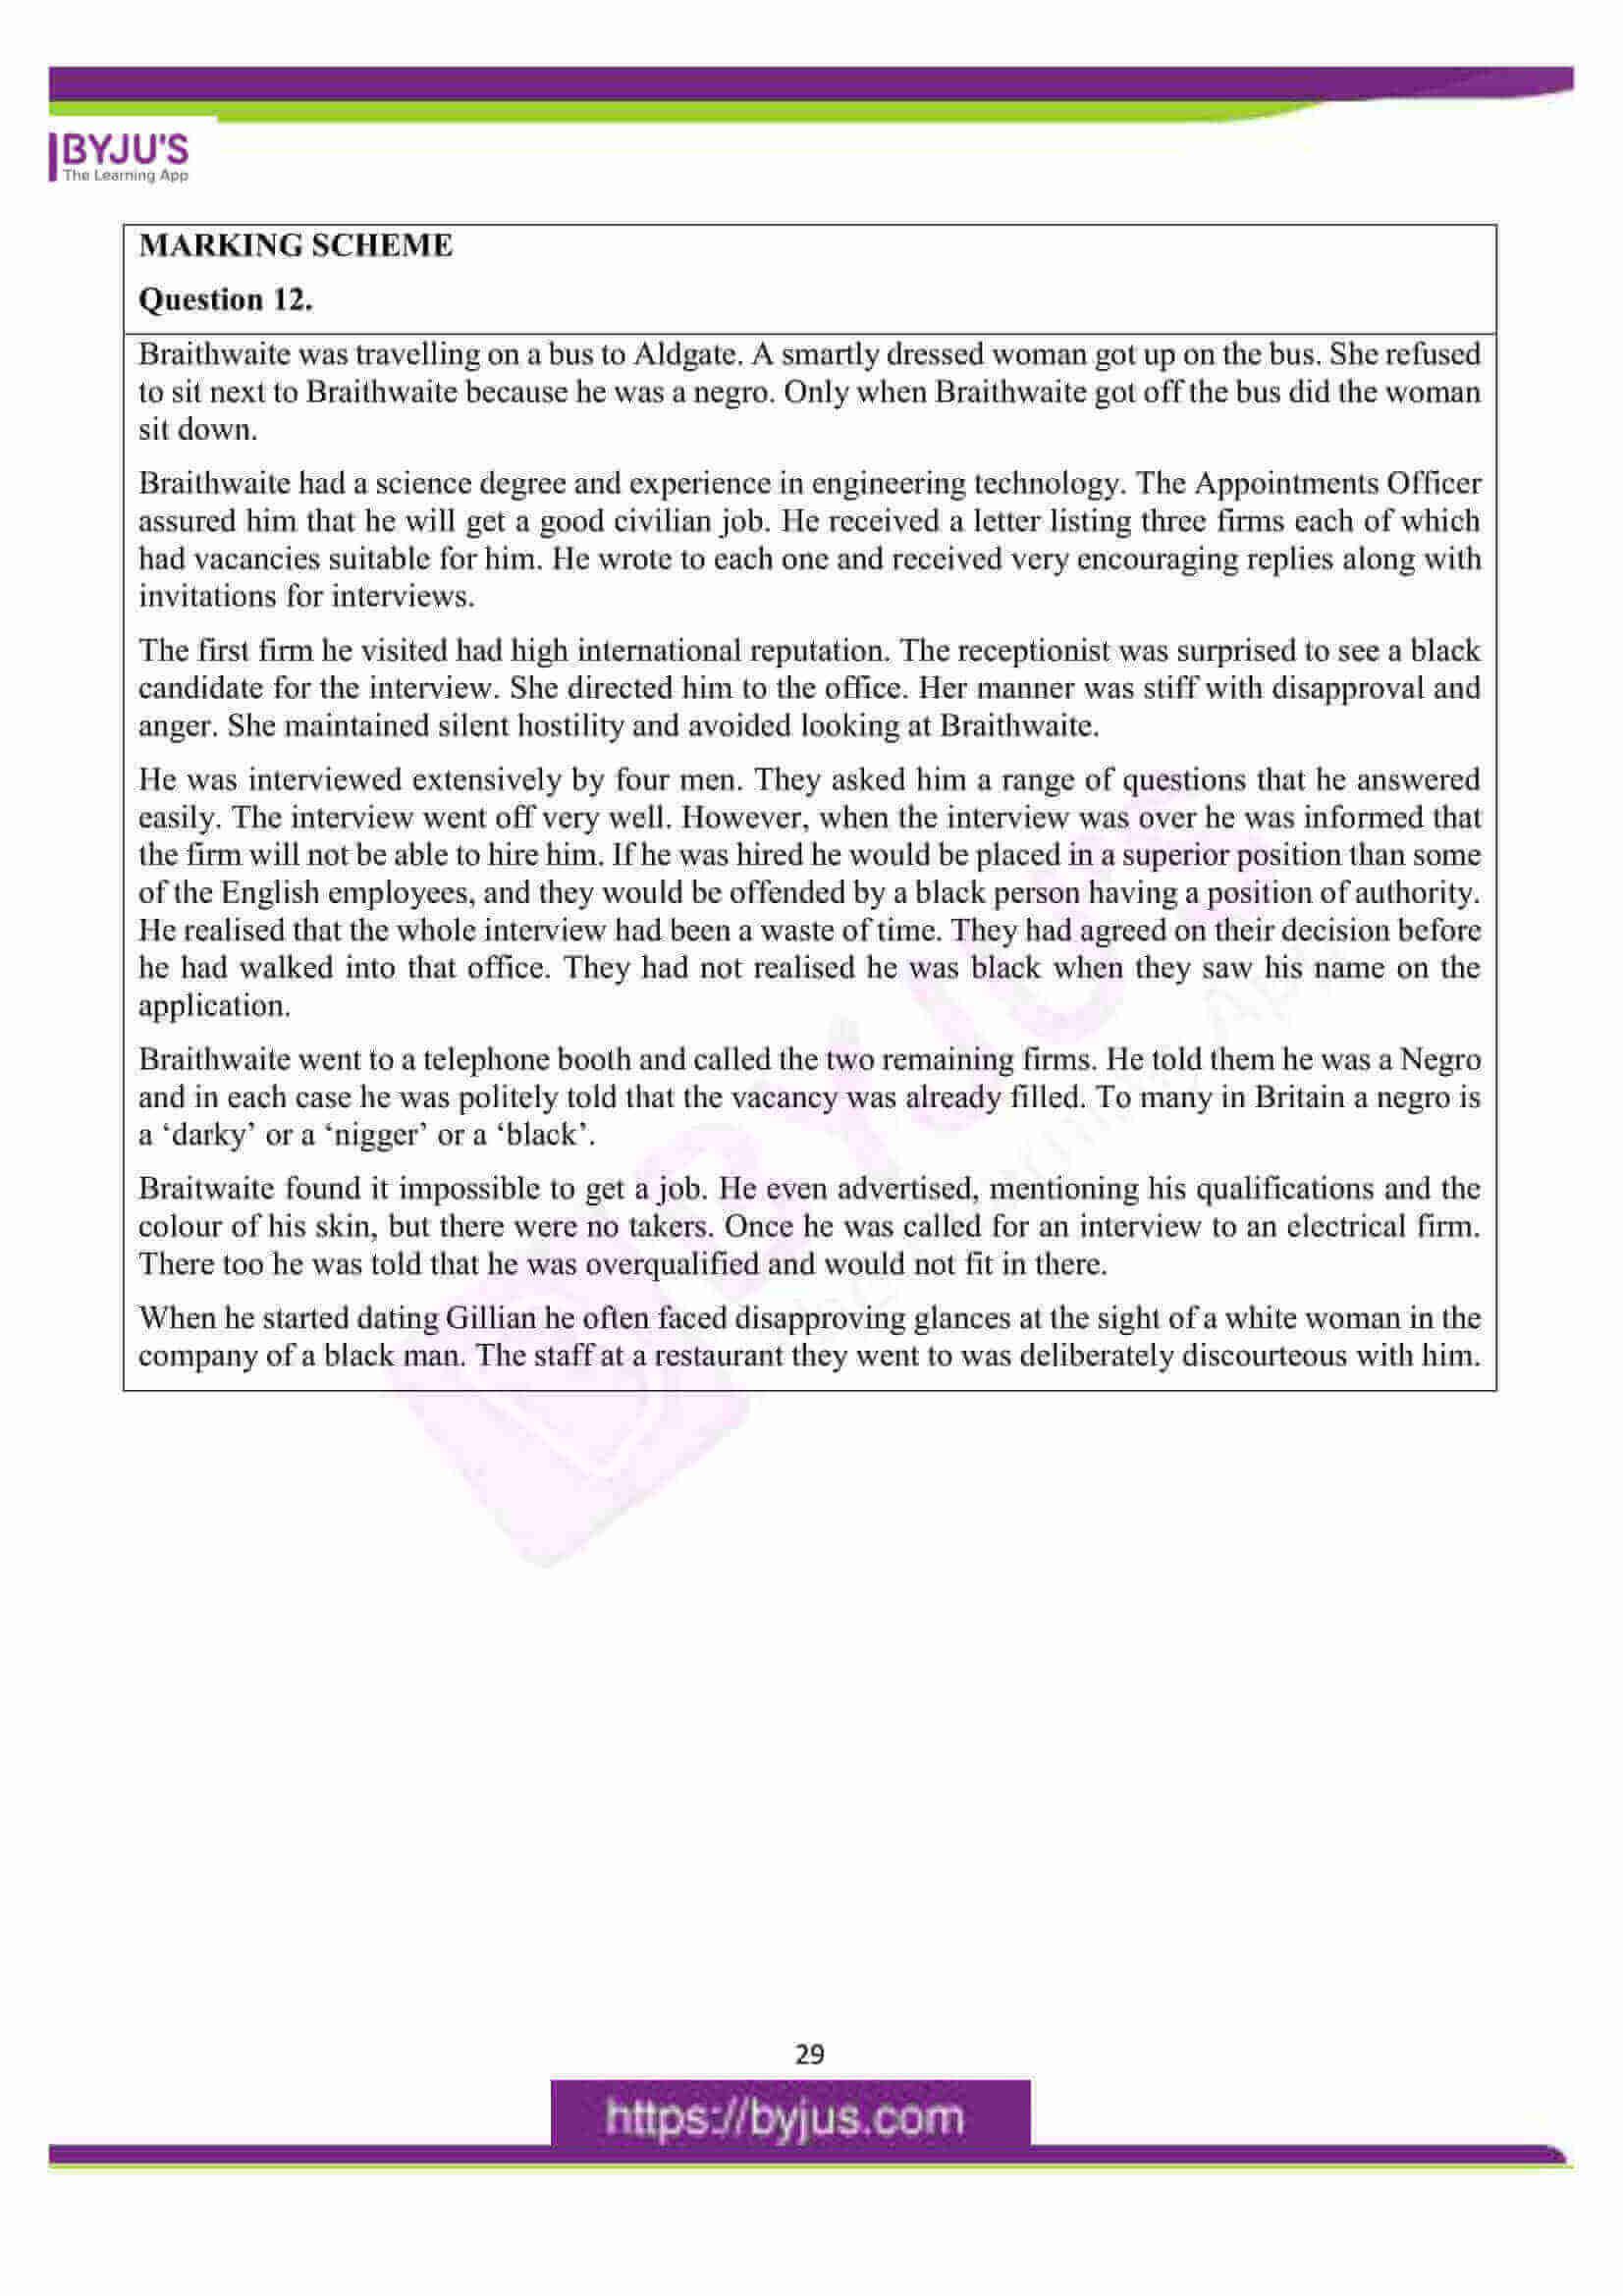 icse class 10 eng lit question paper solution 2016 17